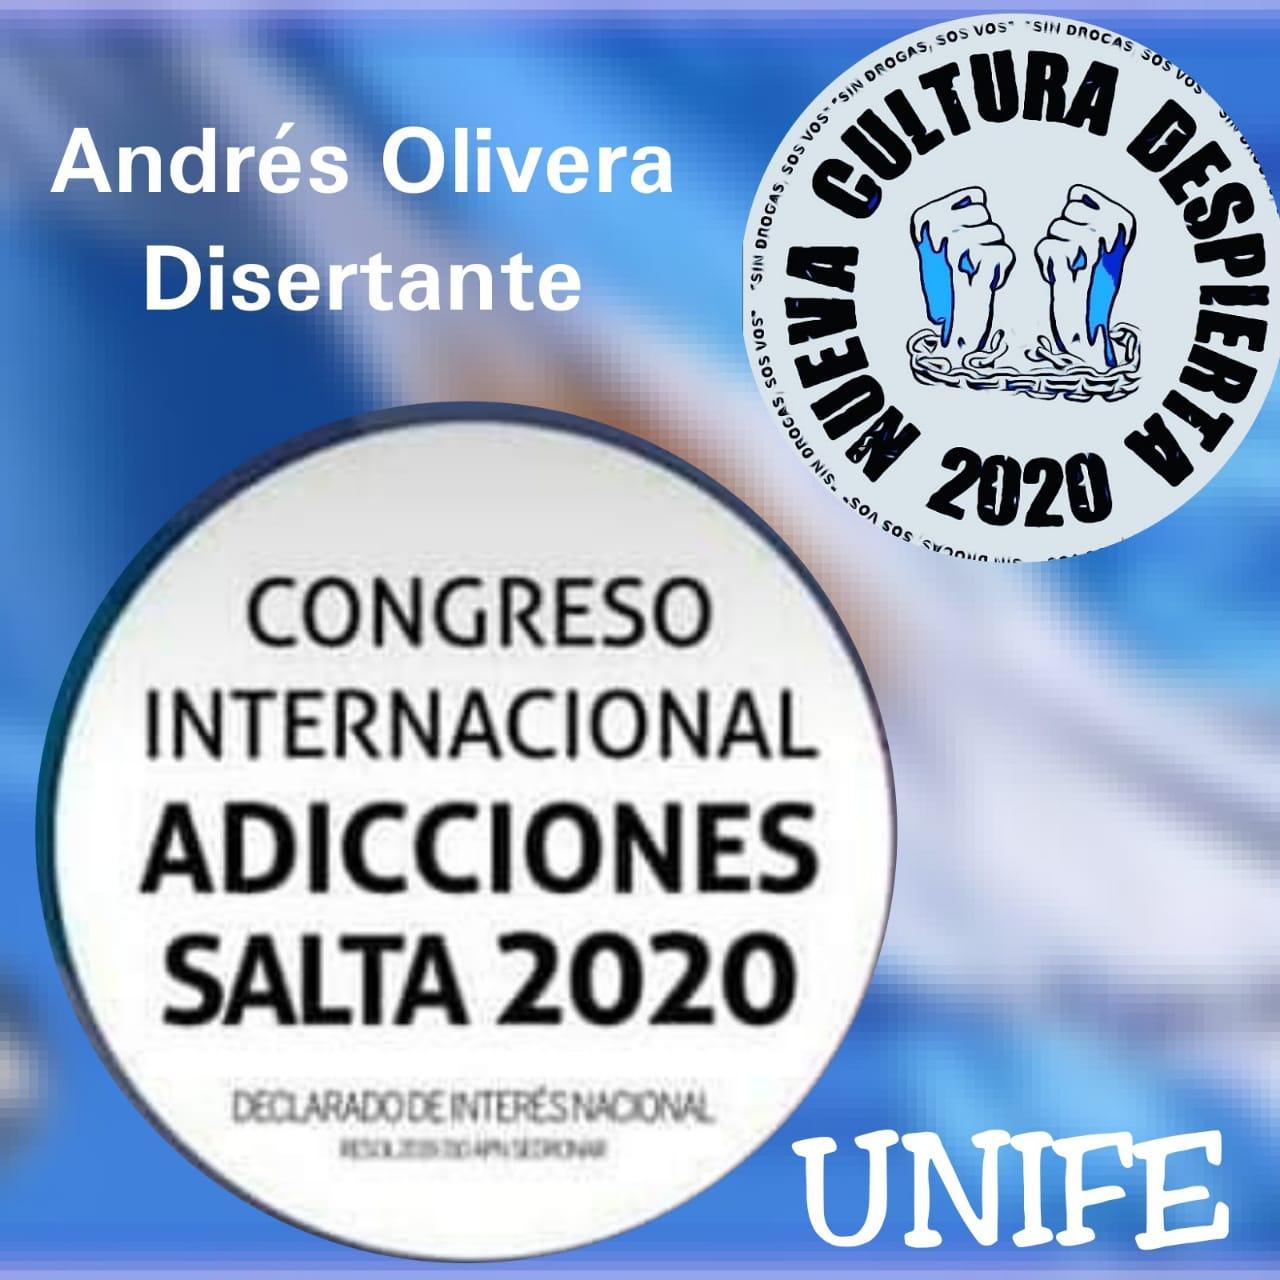 Congreso sobre Adicciones Salta 2020